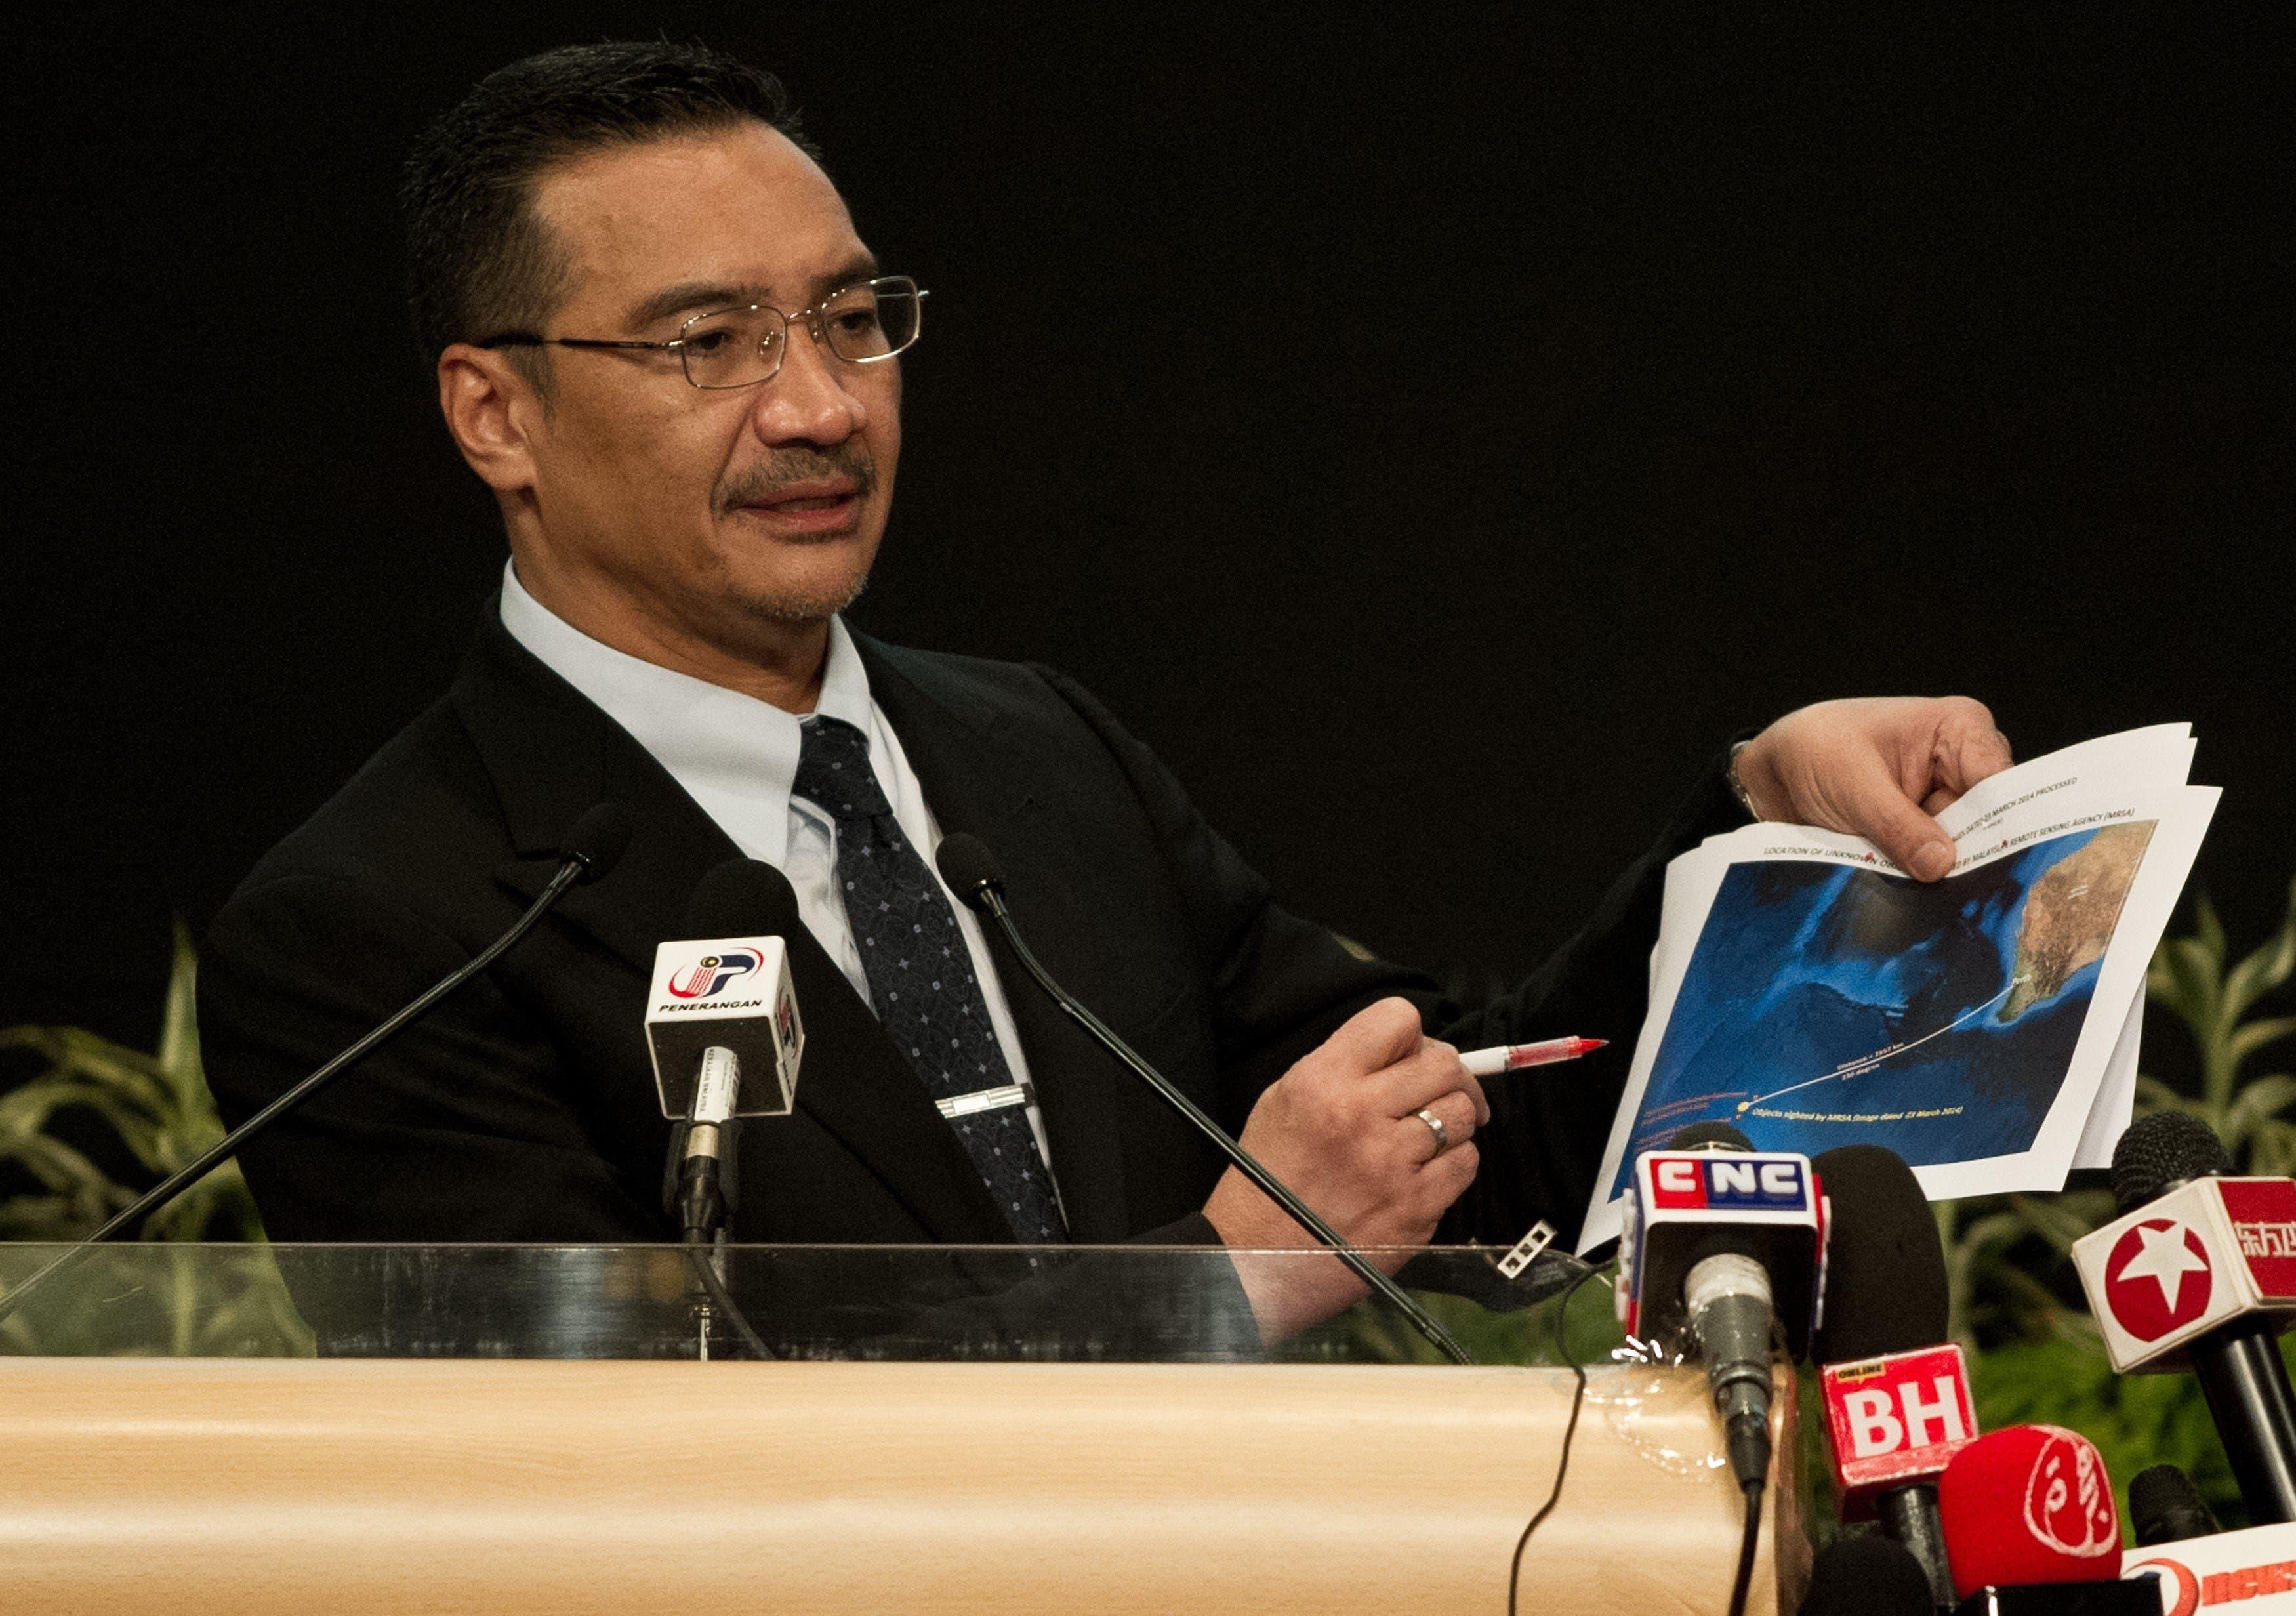 وزير النقل الماليزي هشام الدين حسين يتحدث عن الطائرة الماليزية